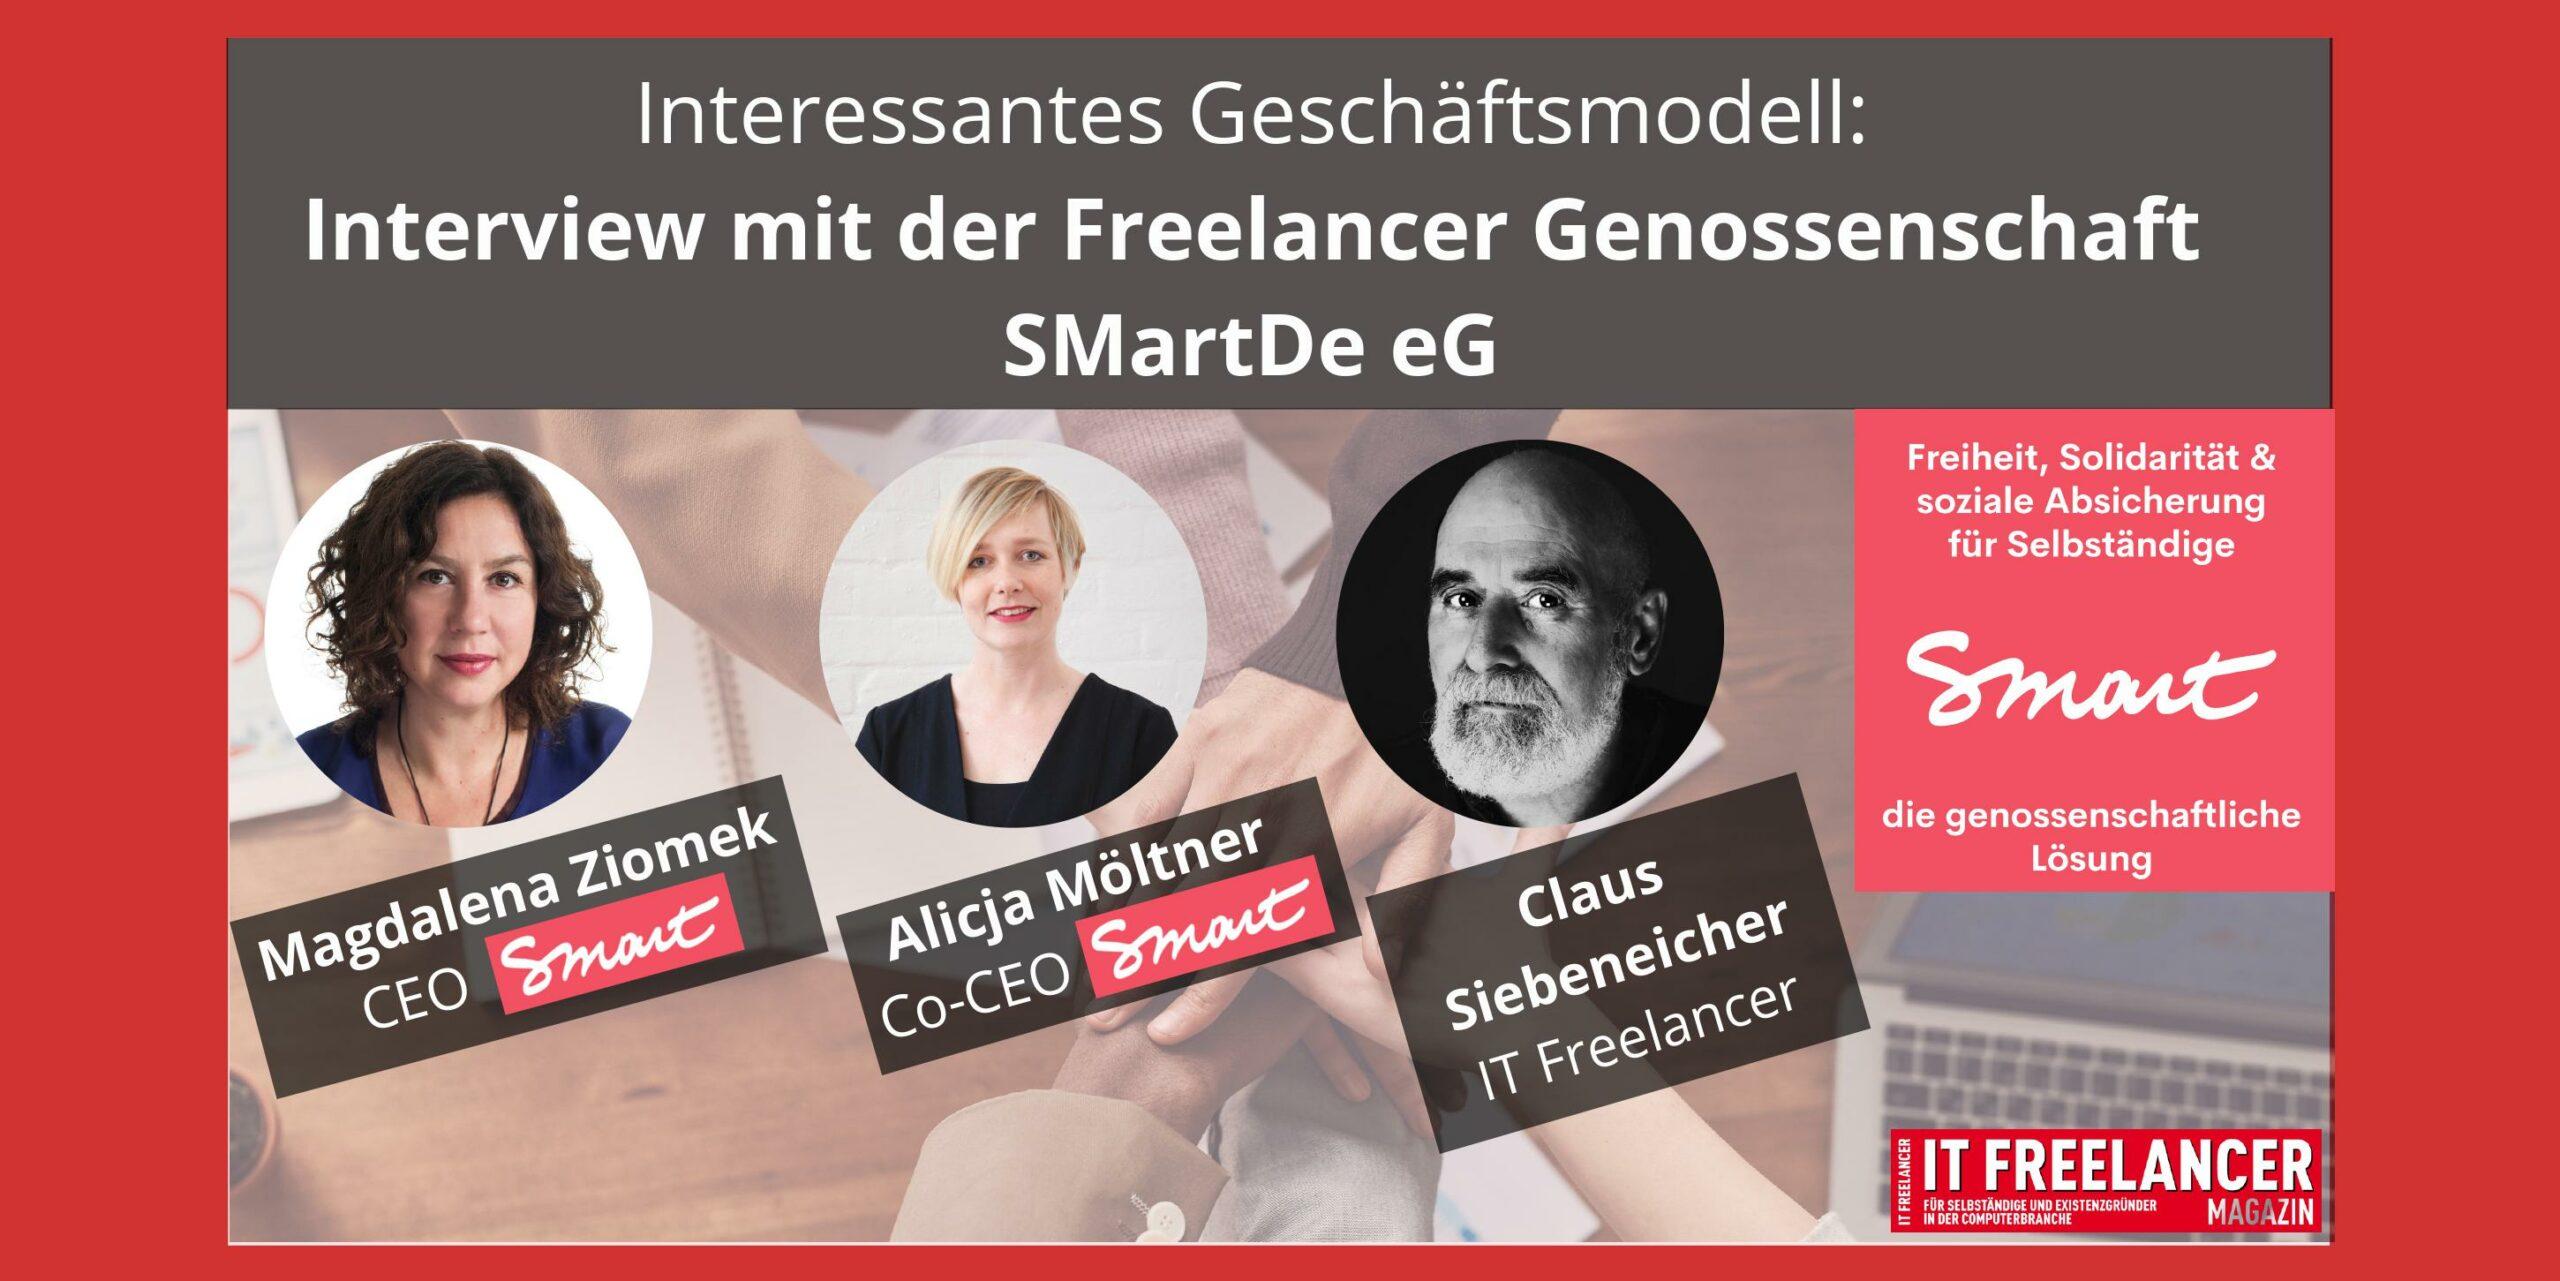 Interview mit Magdalena Zimek, Alicja Möltner, Claus Siebeneicher von der SMartDe eG Freelancer Genossenschaft